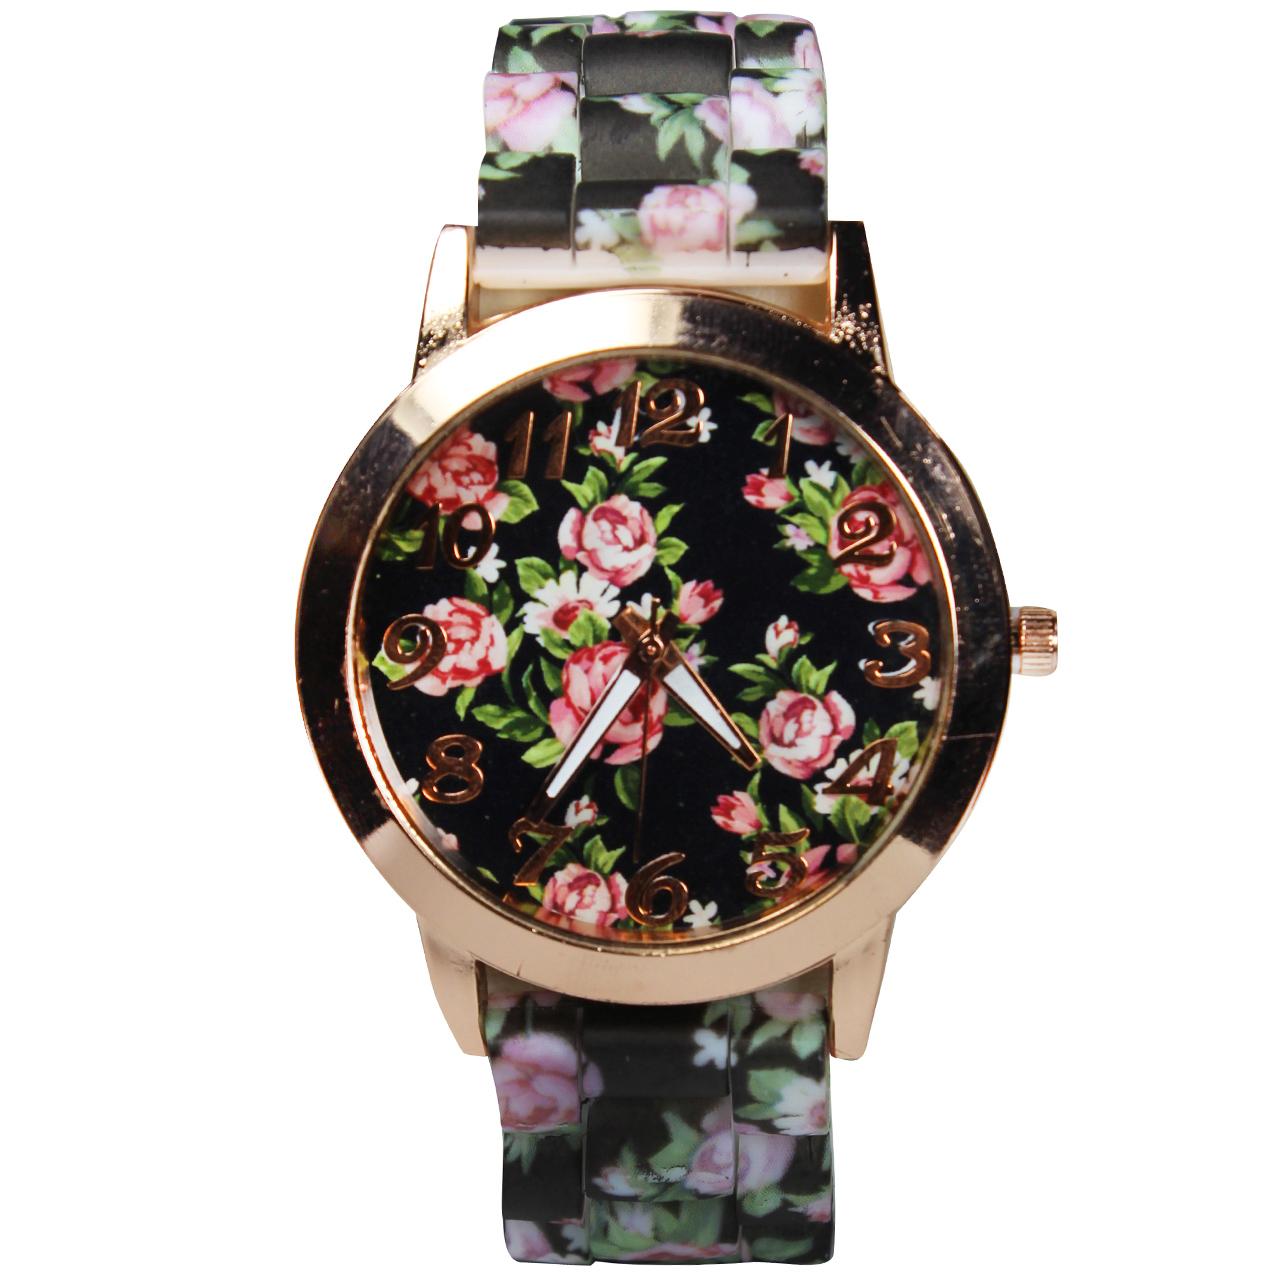 خرید ساعت مچی عقربه ای زنانه مدل Flower-02